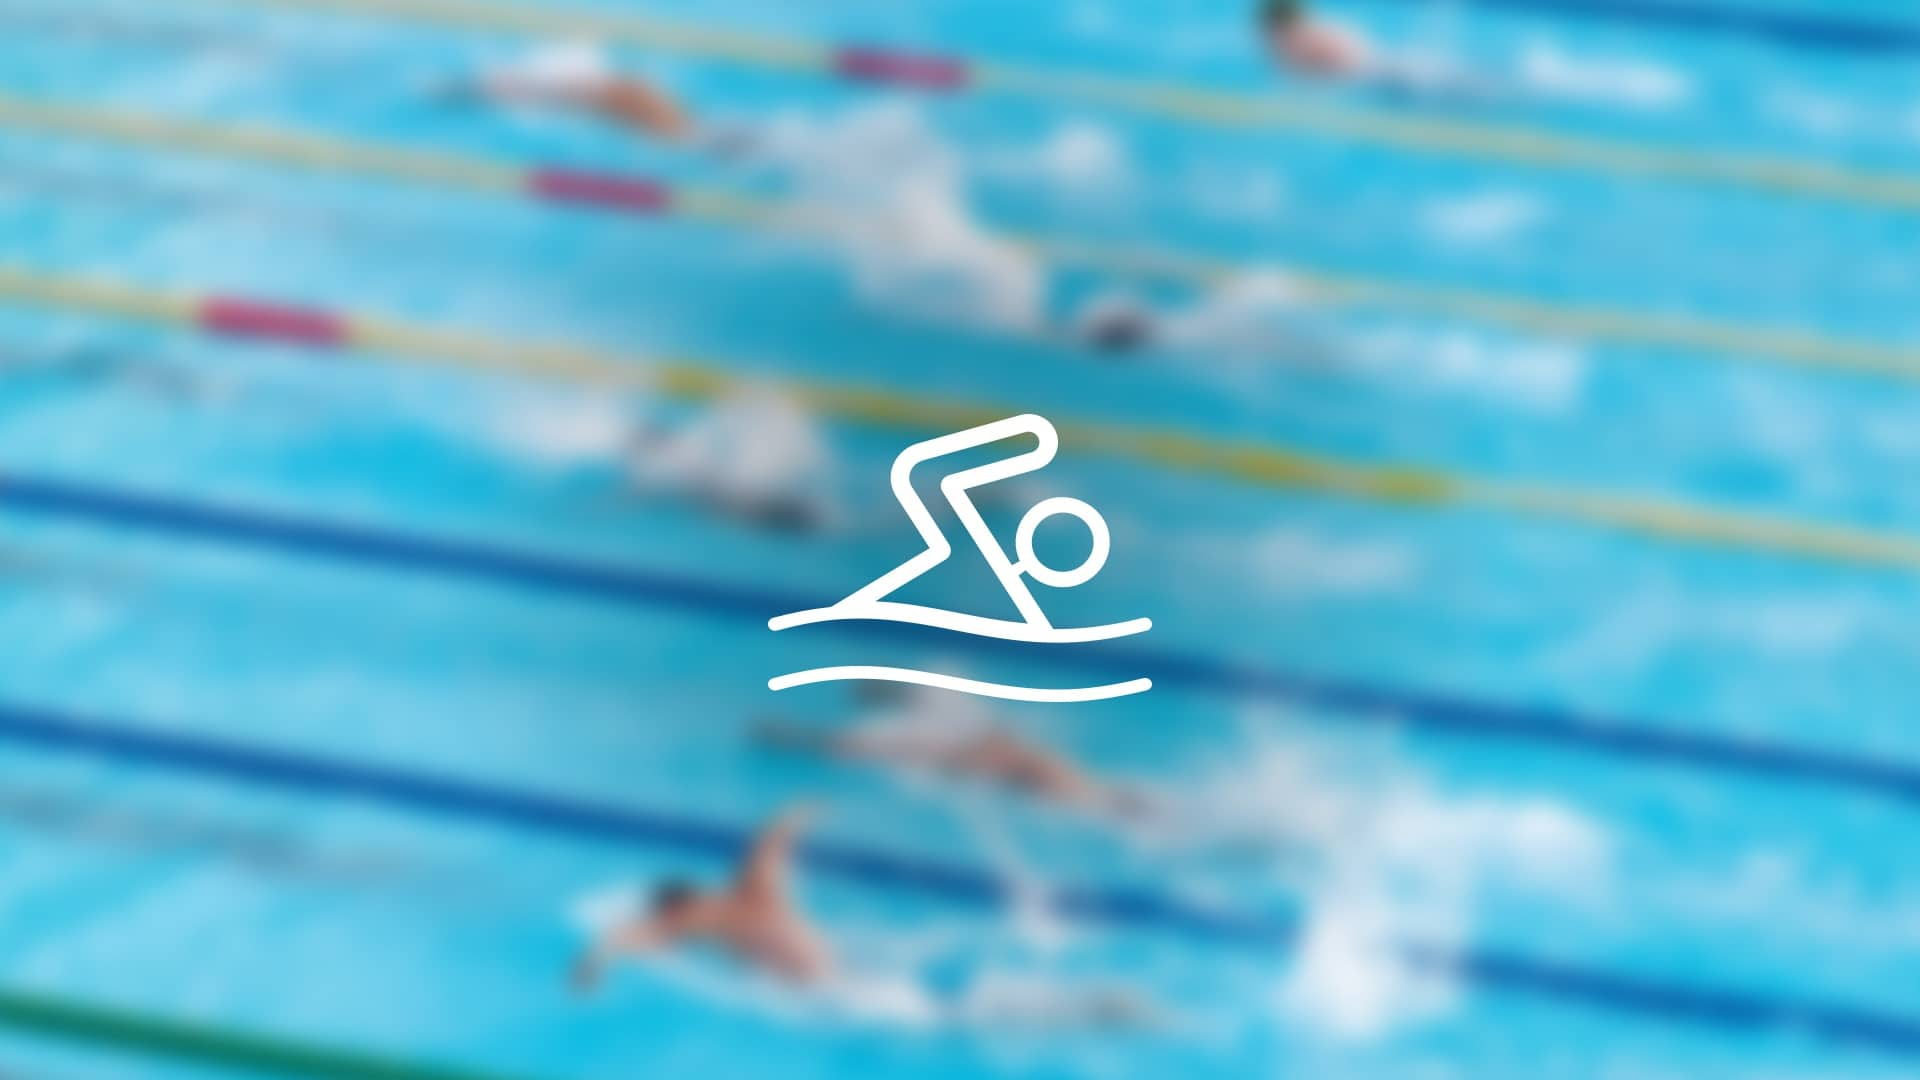 La mejor natación online y en directo: plataformas, estilos, nadadores y mucho más